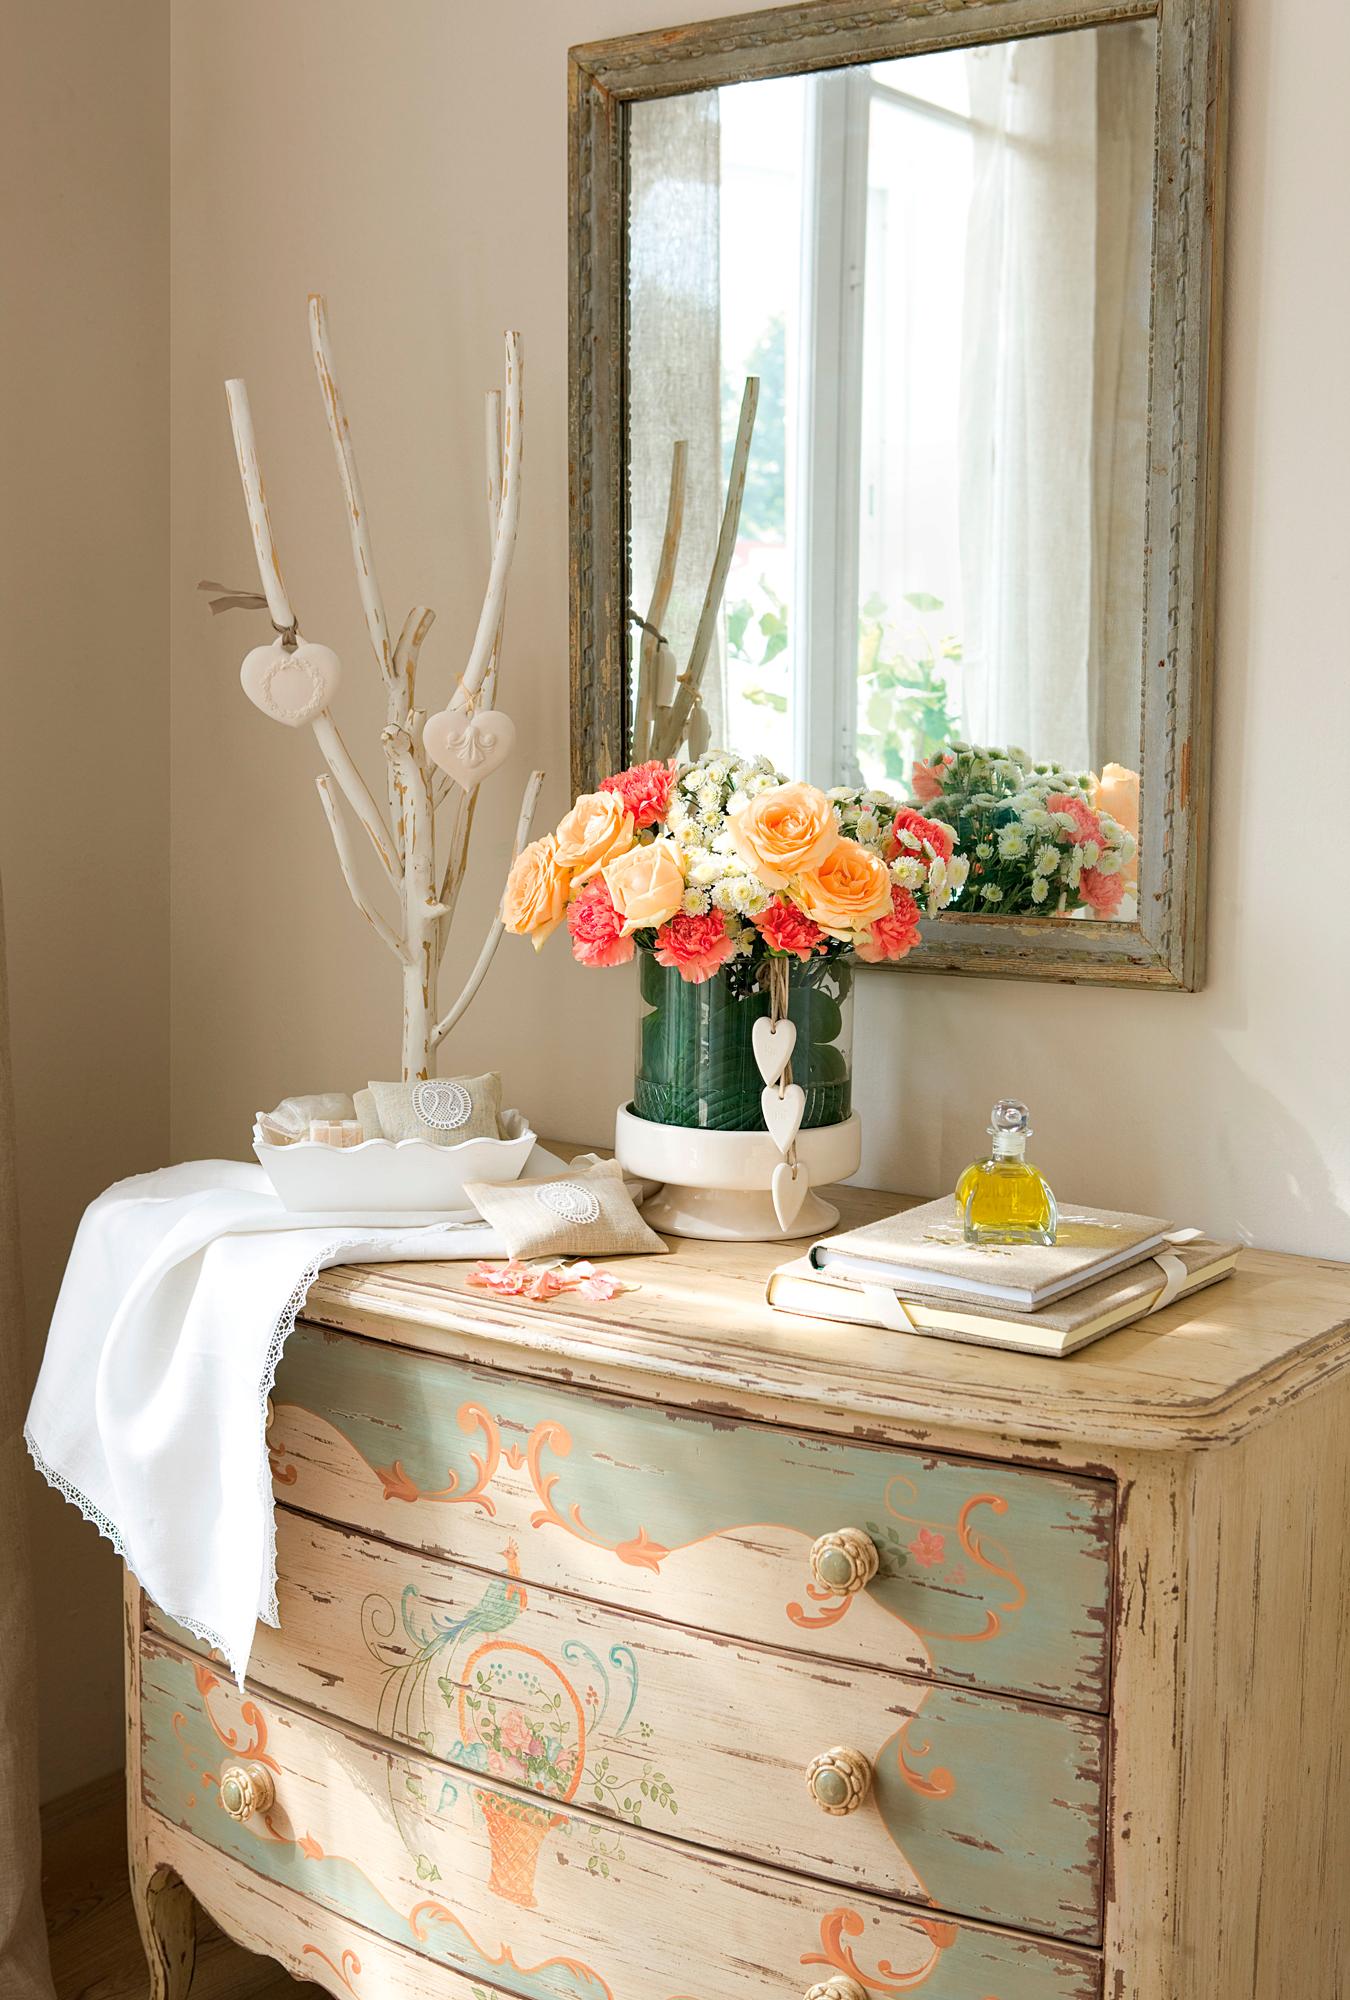 10 razones para poner una c moda en tu casa - Que poner encima de una comoda ...